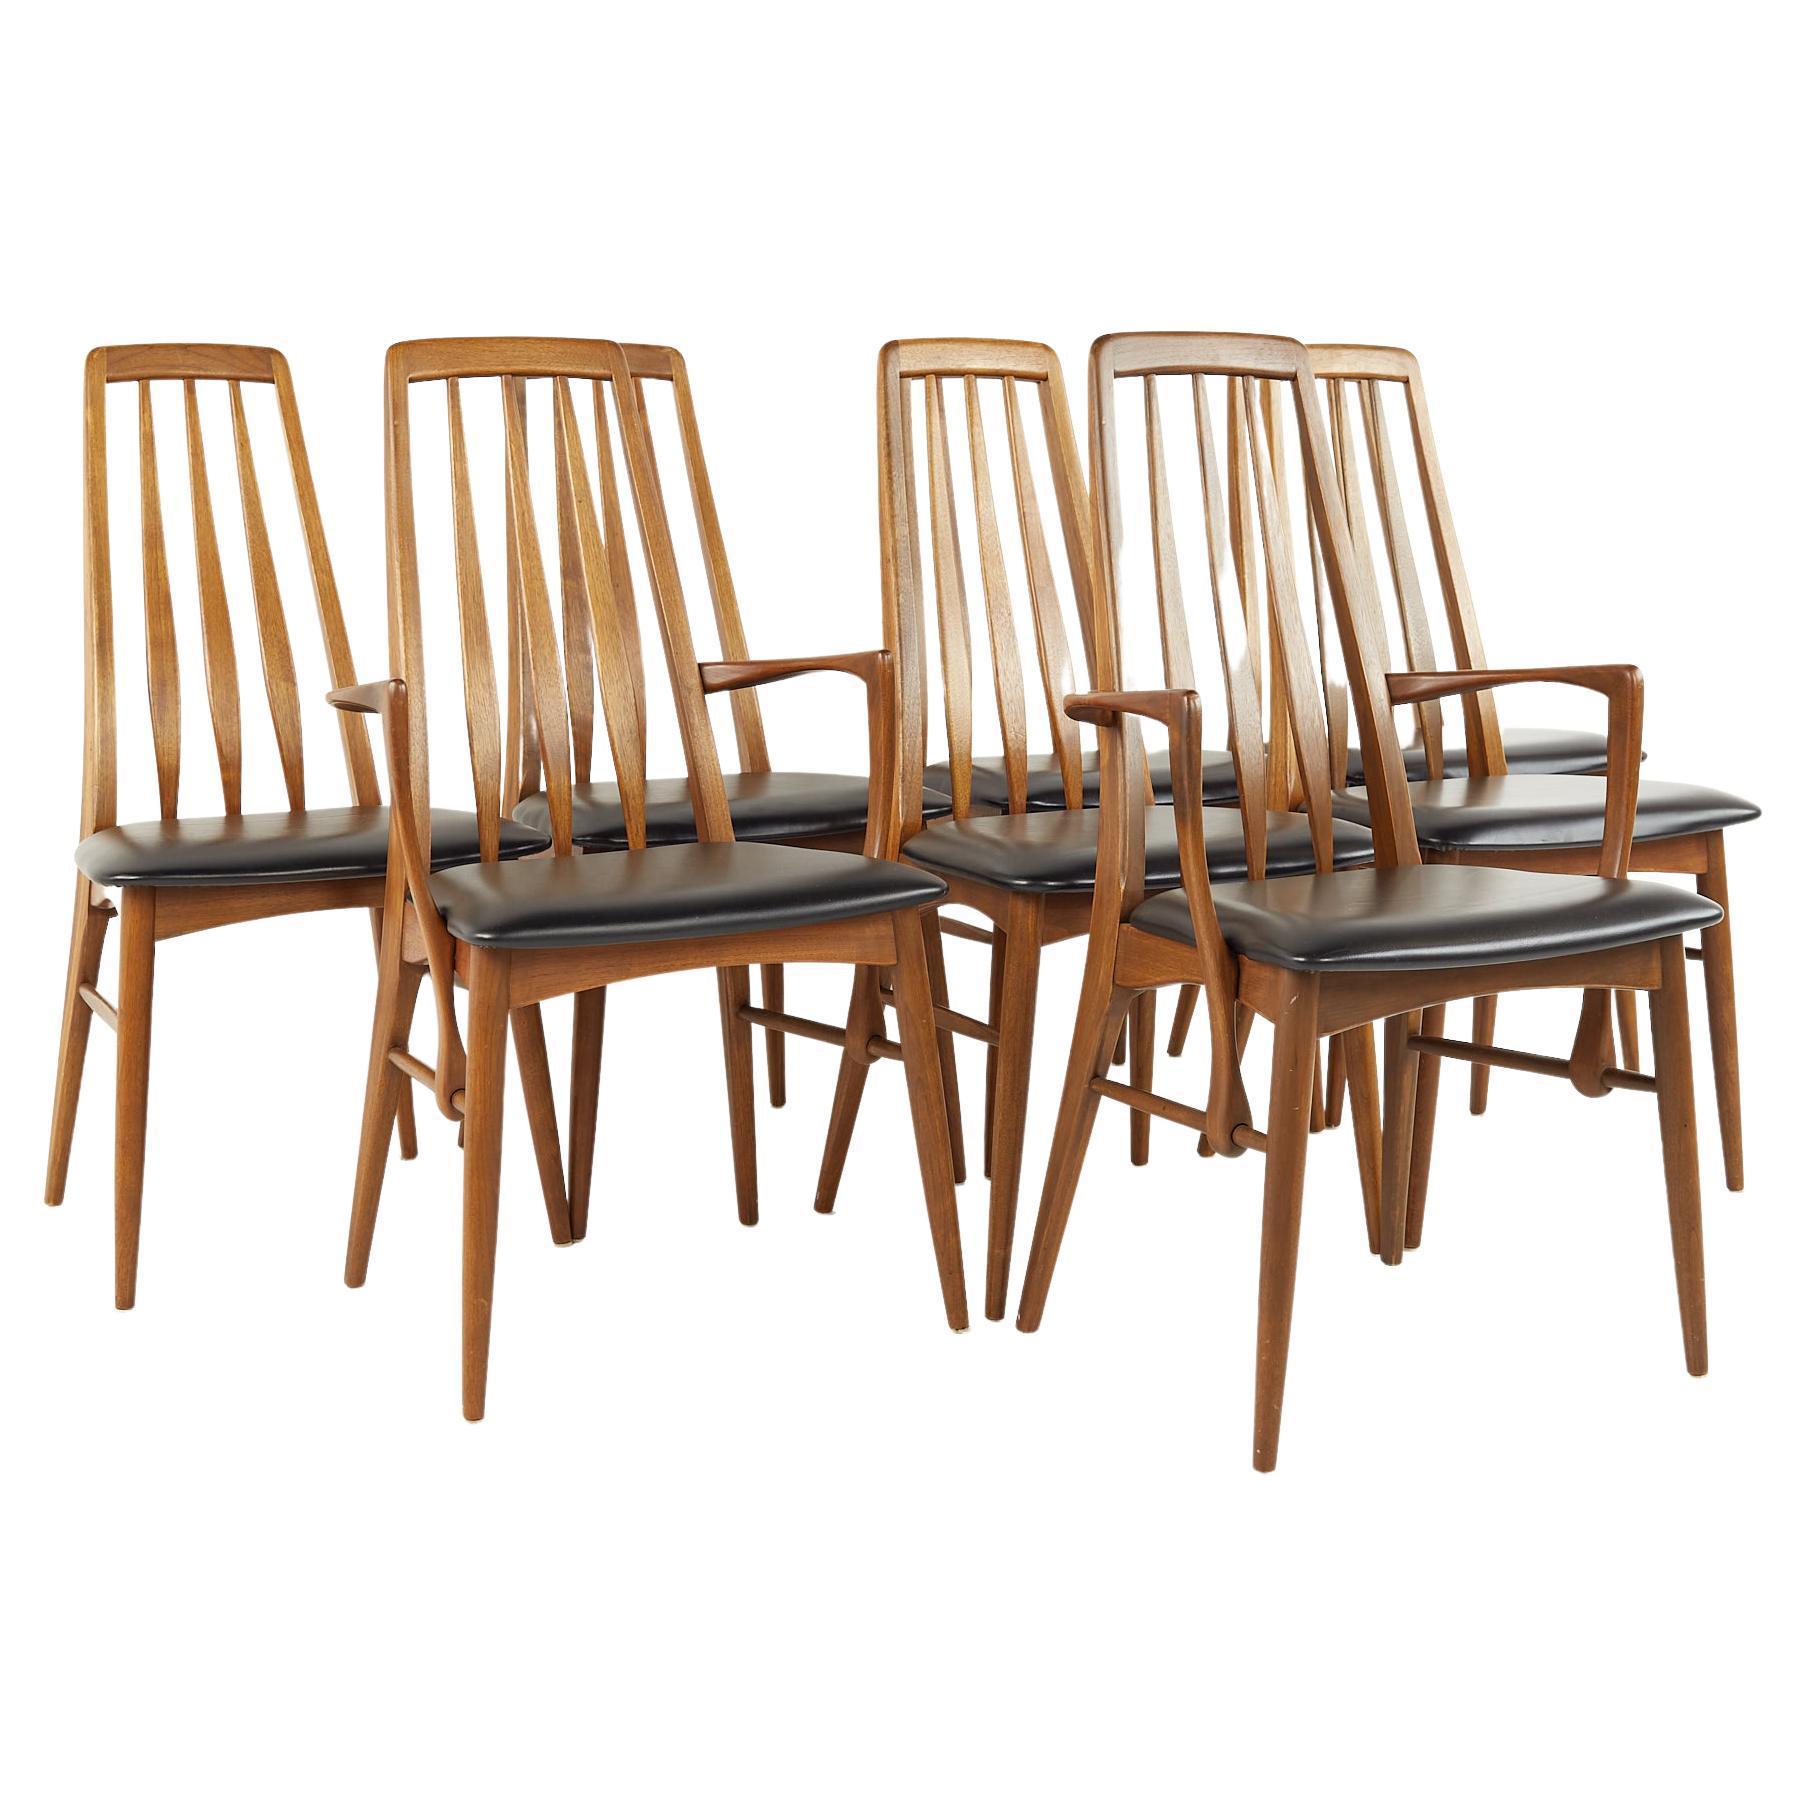 Niels Koefoed Eva Mid Century Teak Dining Chairs, Set of 8